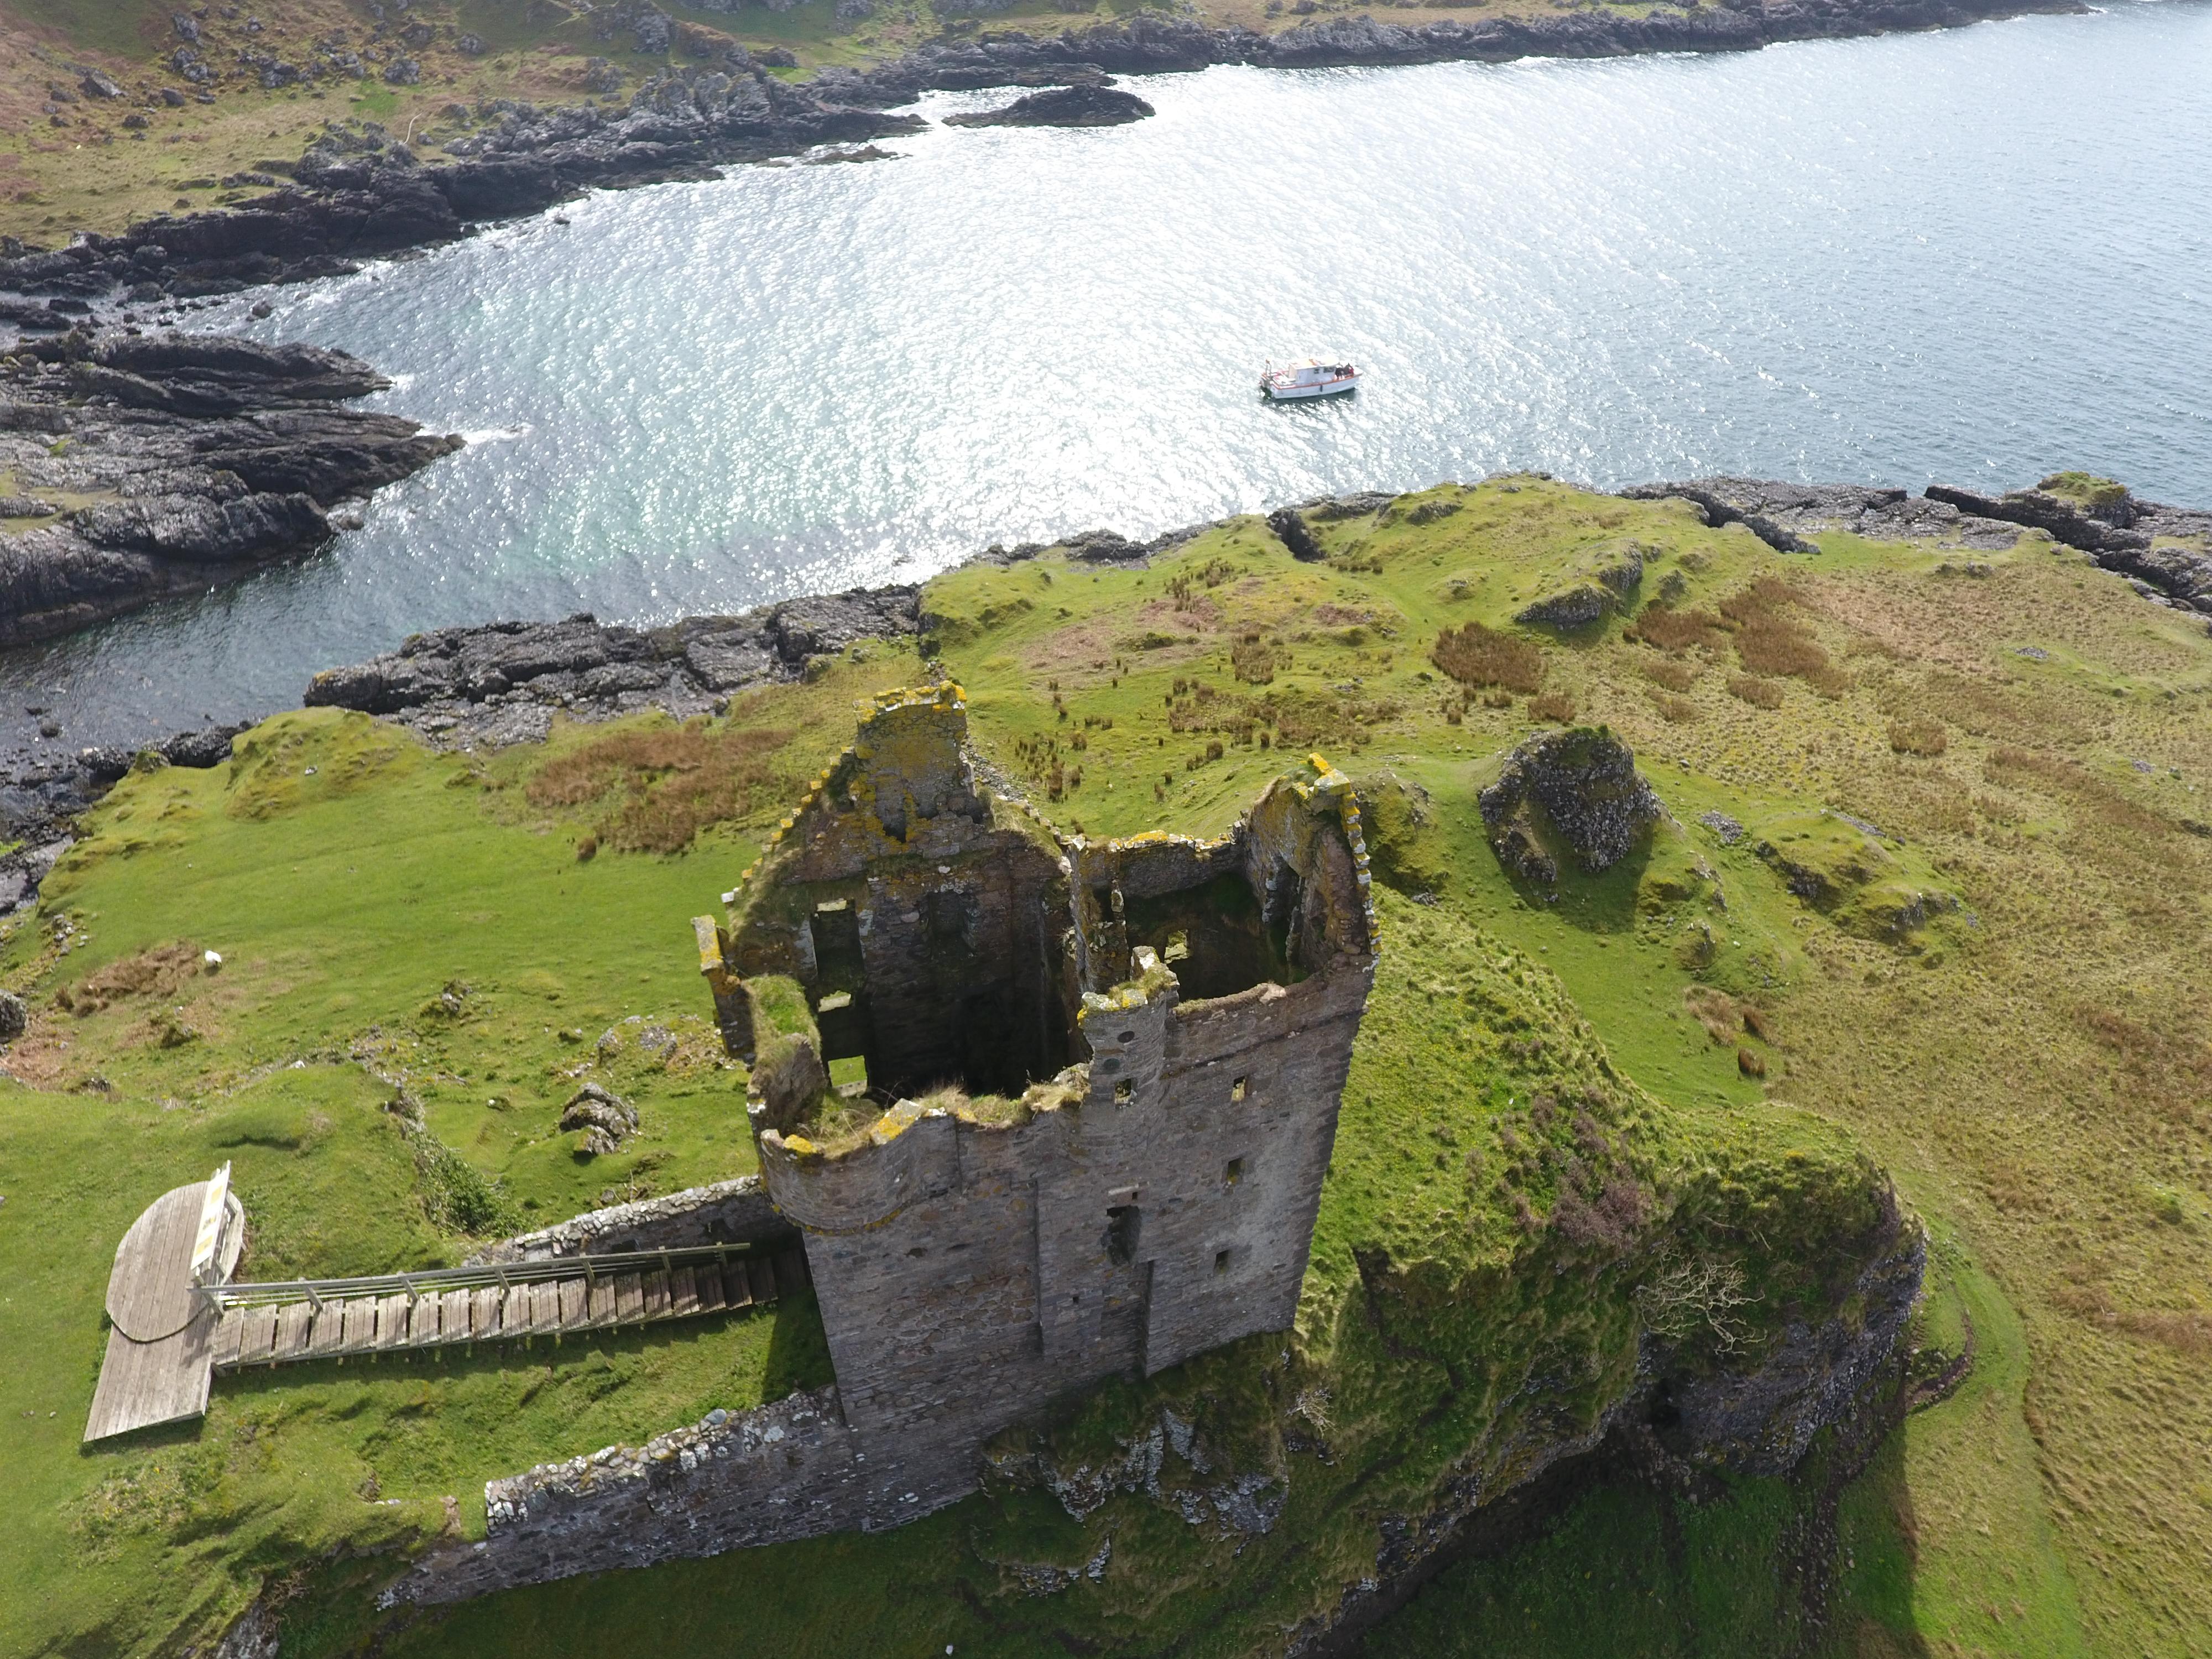 Etive Boat Trips anchored near Gylen Castle, Isle of Kerrera